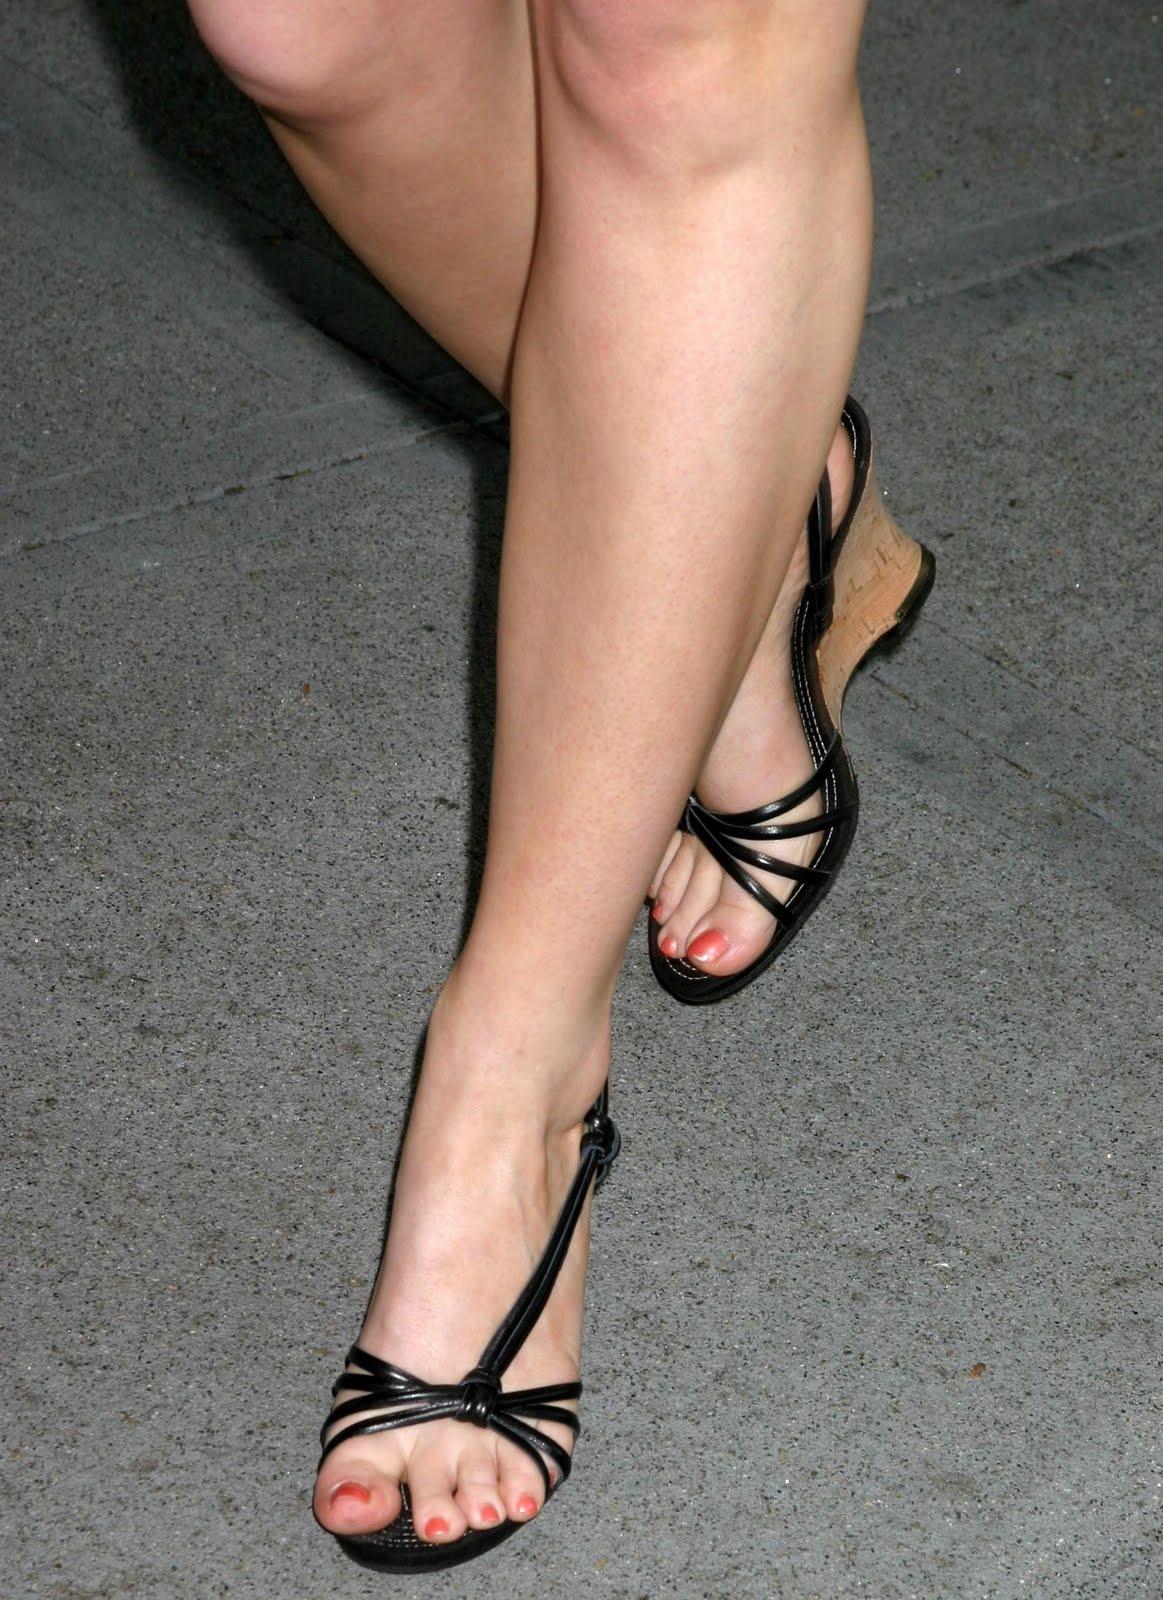 http://4.bp.blogspot.com/_UaLWp72nij4/S9ib-quTN_I/AAAAAAAAI-A/kWmoVf-evHw/s1600/jennifer-finnigan-feet-5.jpg